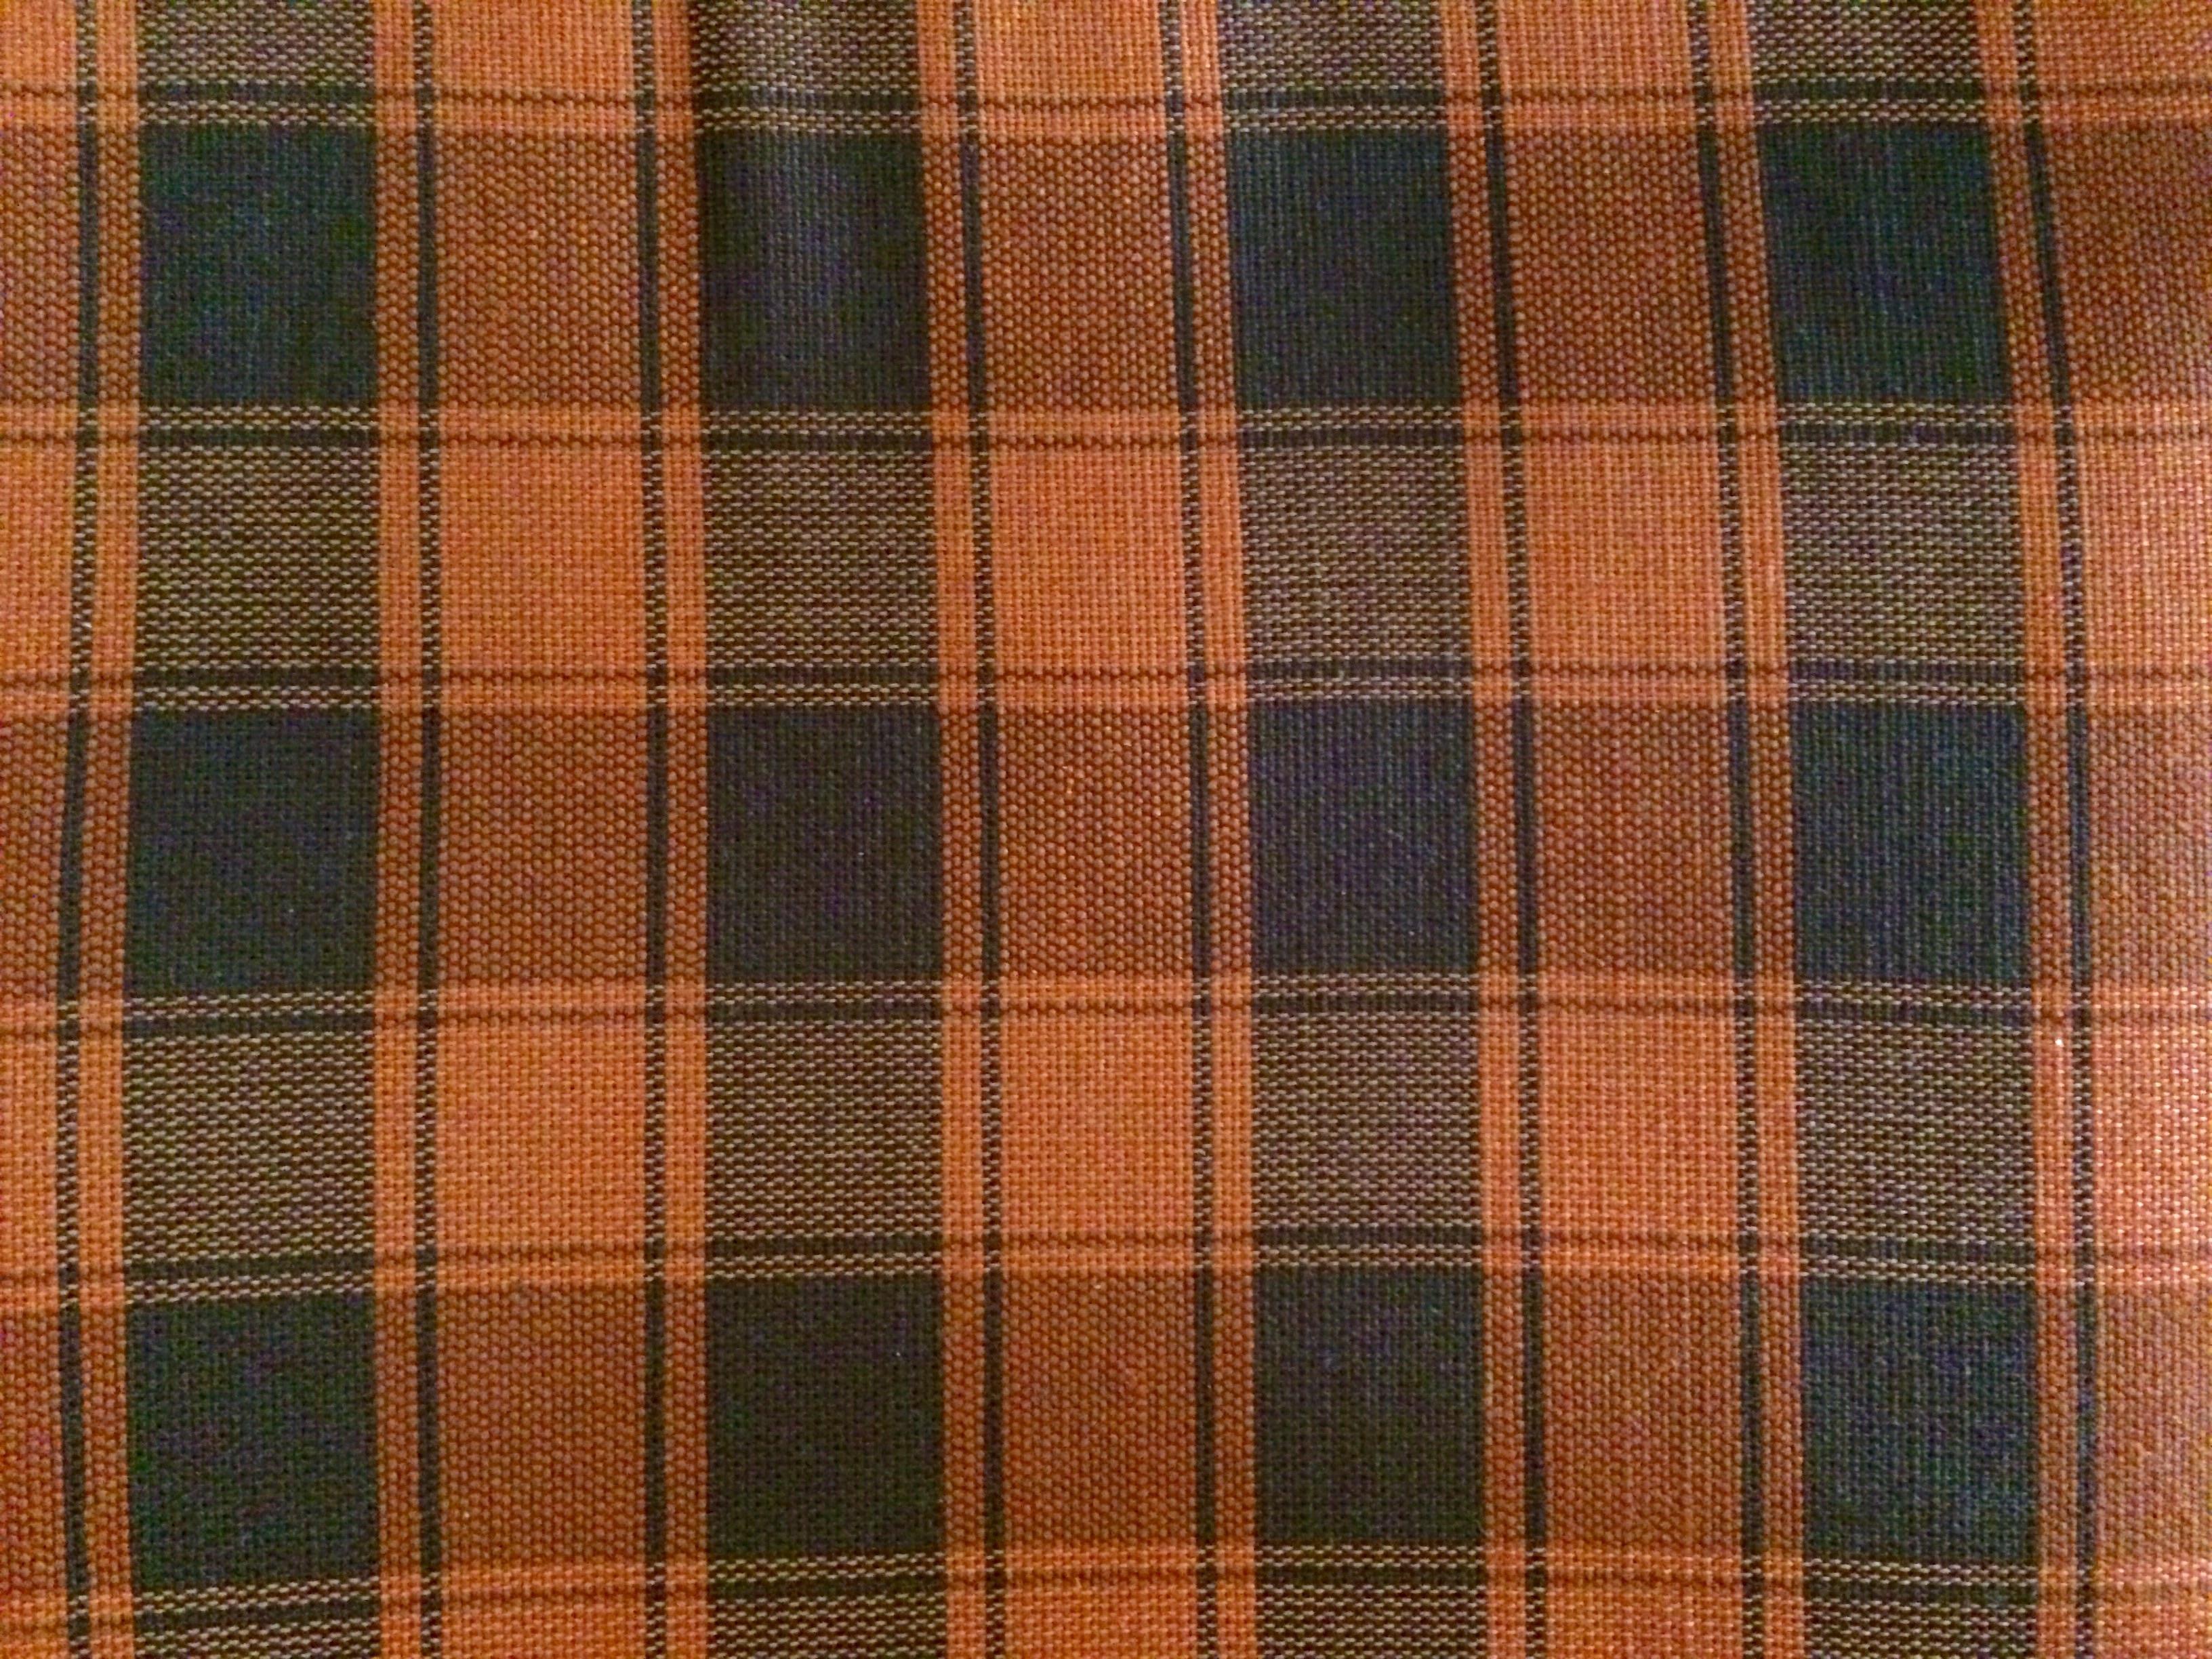 Floor Orange Pattern Brown Plaid Material Fabric Interior Design Textile  Art Design Flooring Tartan